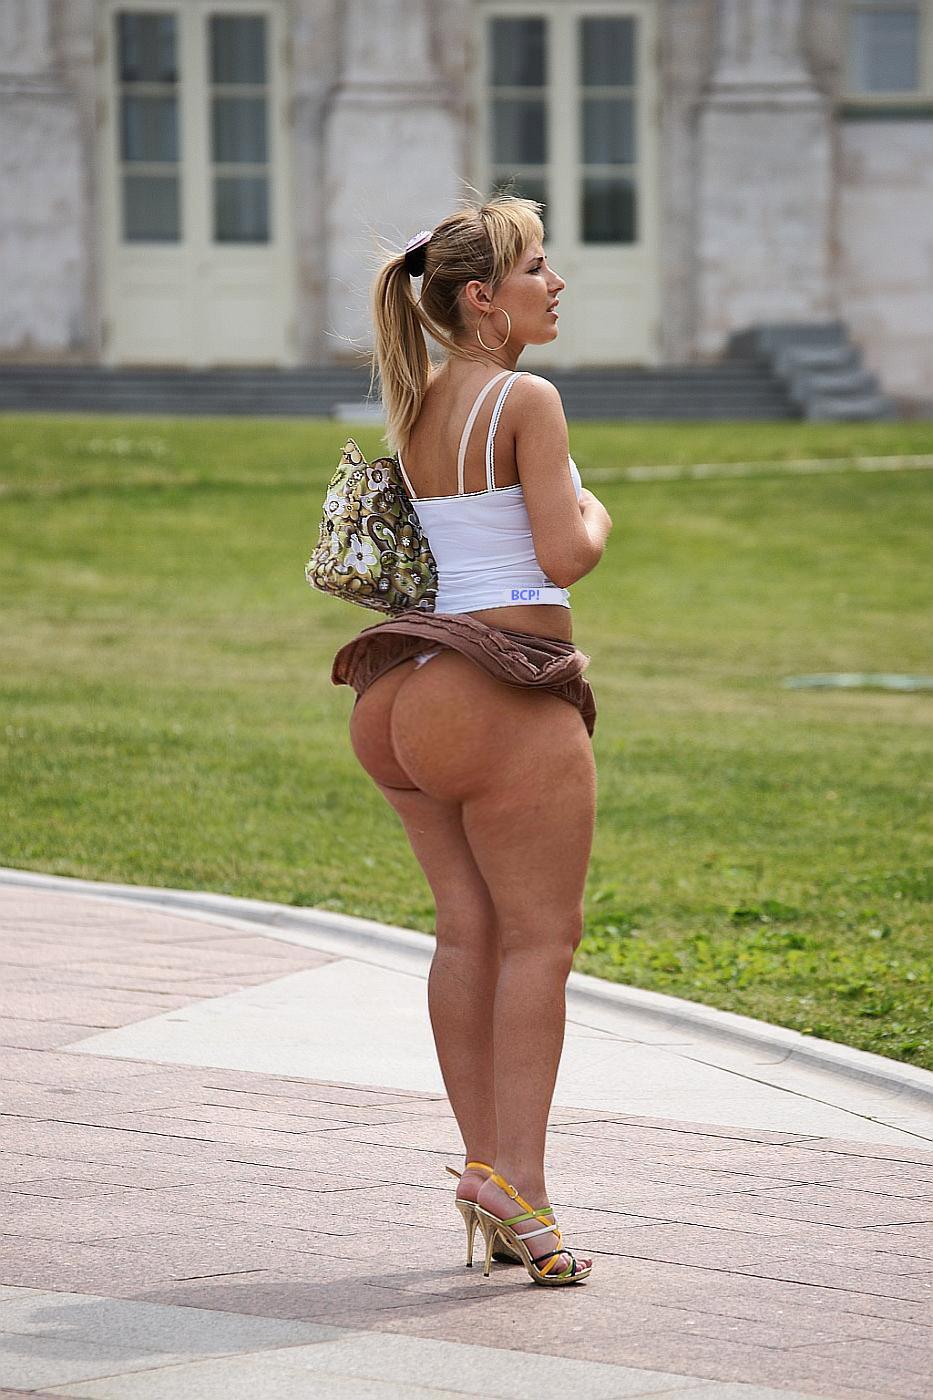 Короткие ролики дамы задирают юбку